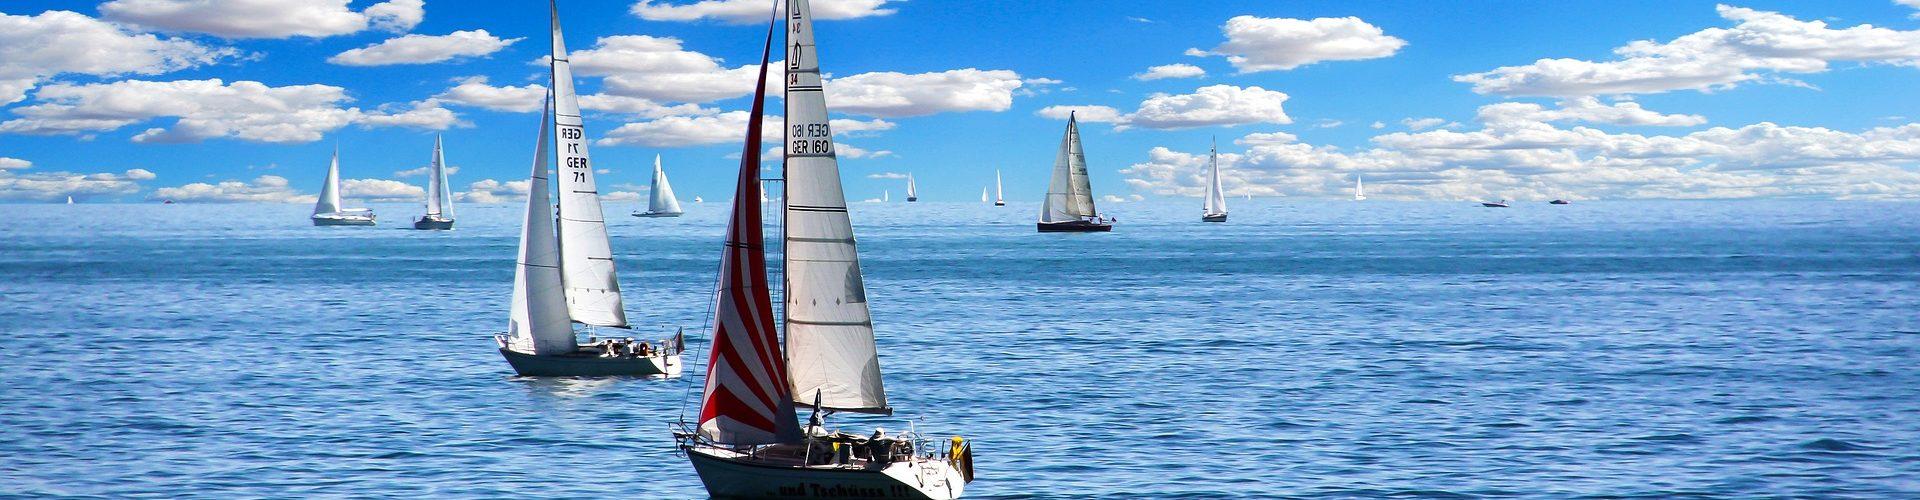 segeln lernen in Lemgo segelschein machen in Lemgo 1920x500 - Segeln lernen in Lemgo